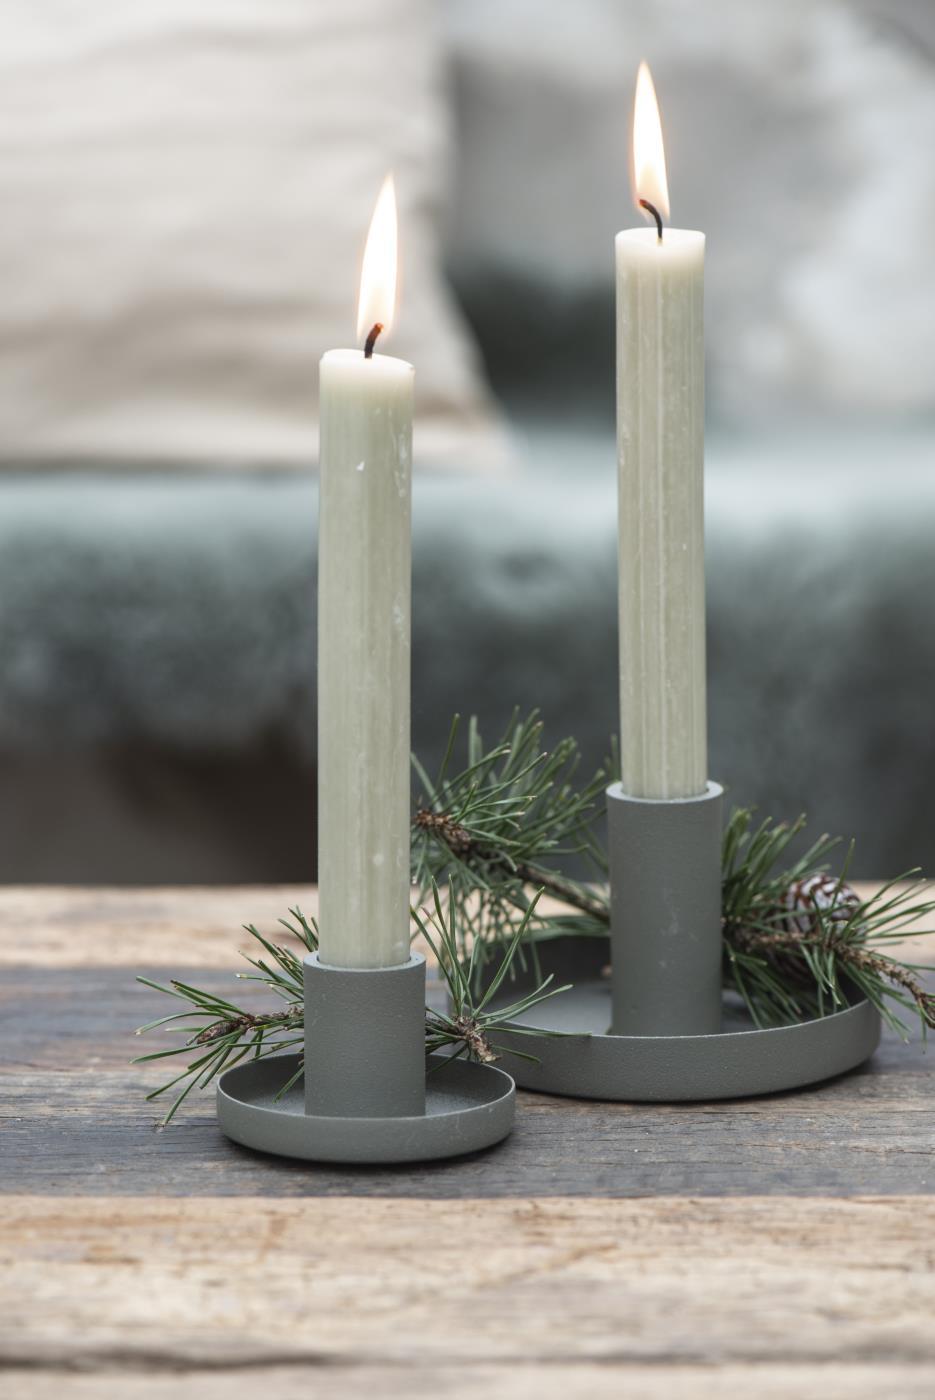 Nützlichdekoration - Kerzenständer Kerzenhalter für Stabkerze Staubgrün Ib Laursen ApS - Onlineshop Tante Emmer